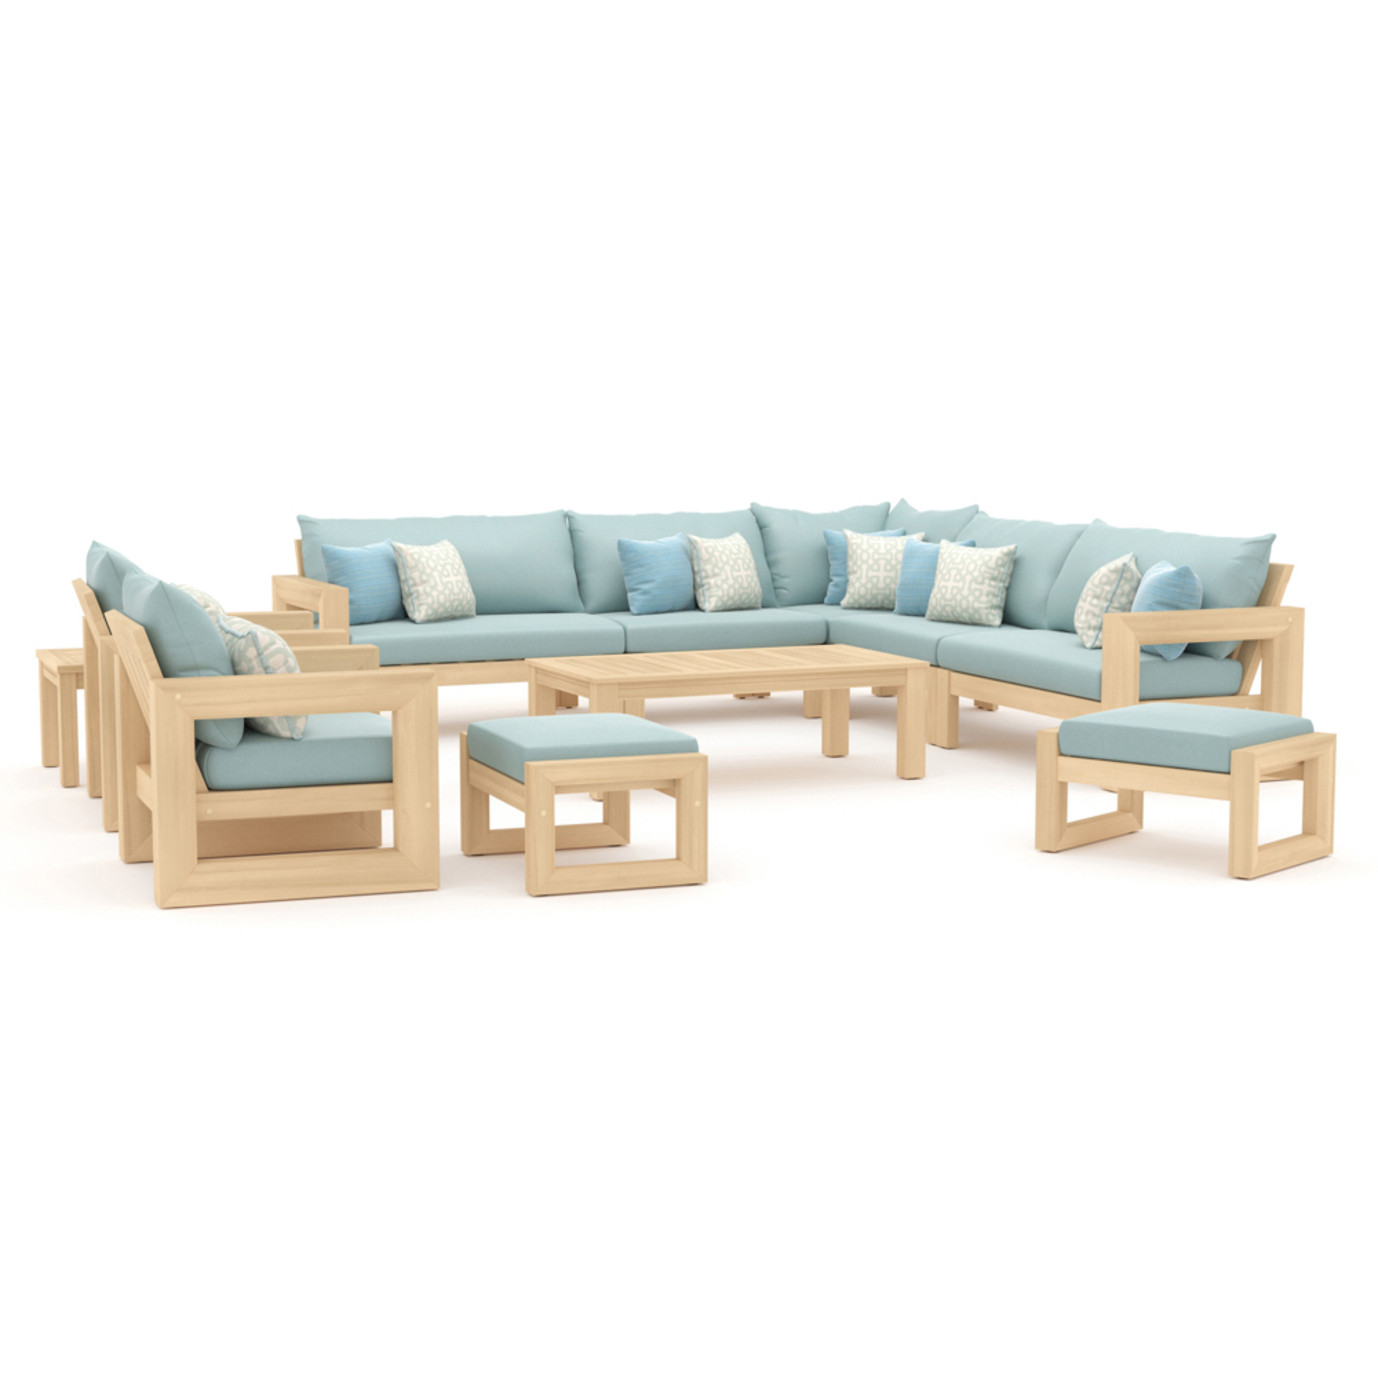 Benson 11 Piece Estate Collection - Spa Blue